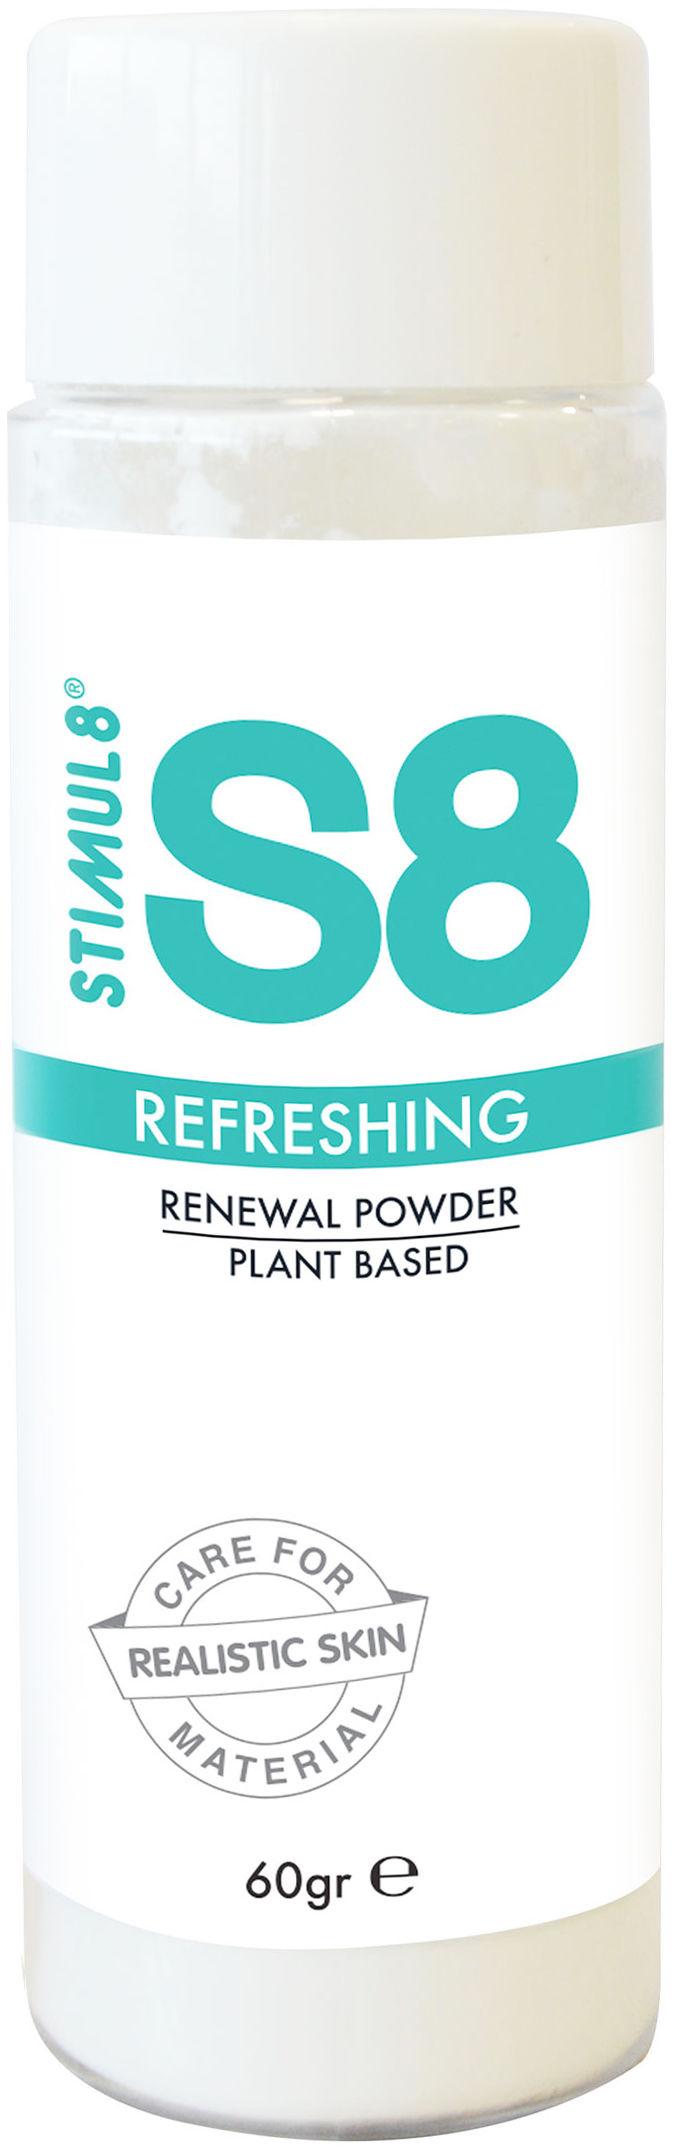 Stimul8 Renewal Powder 60g